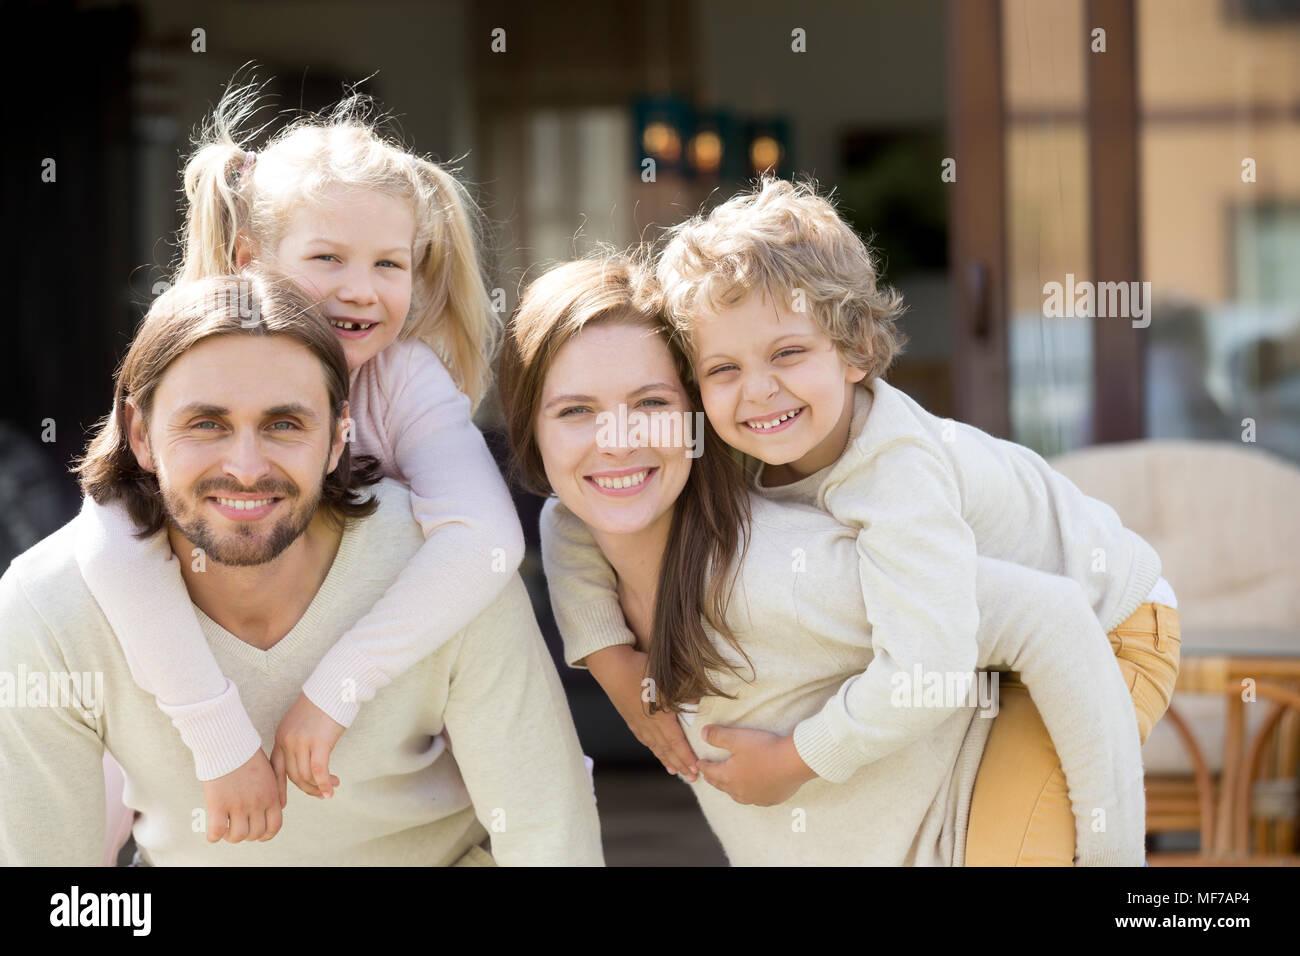 Glückliche Eltern huckepack Kinder auf Haus Terrasse auf der Suche kam Stockbild